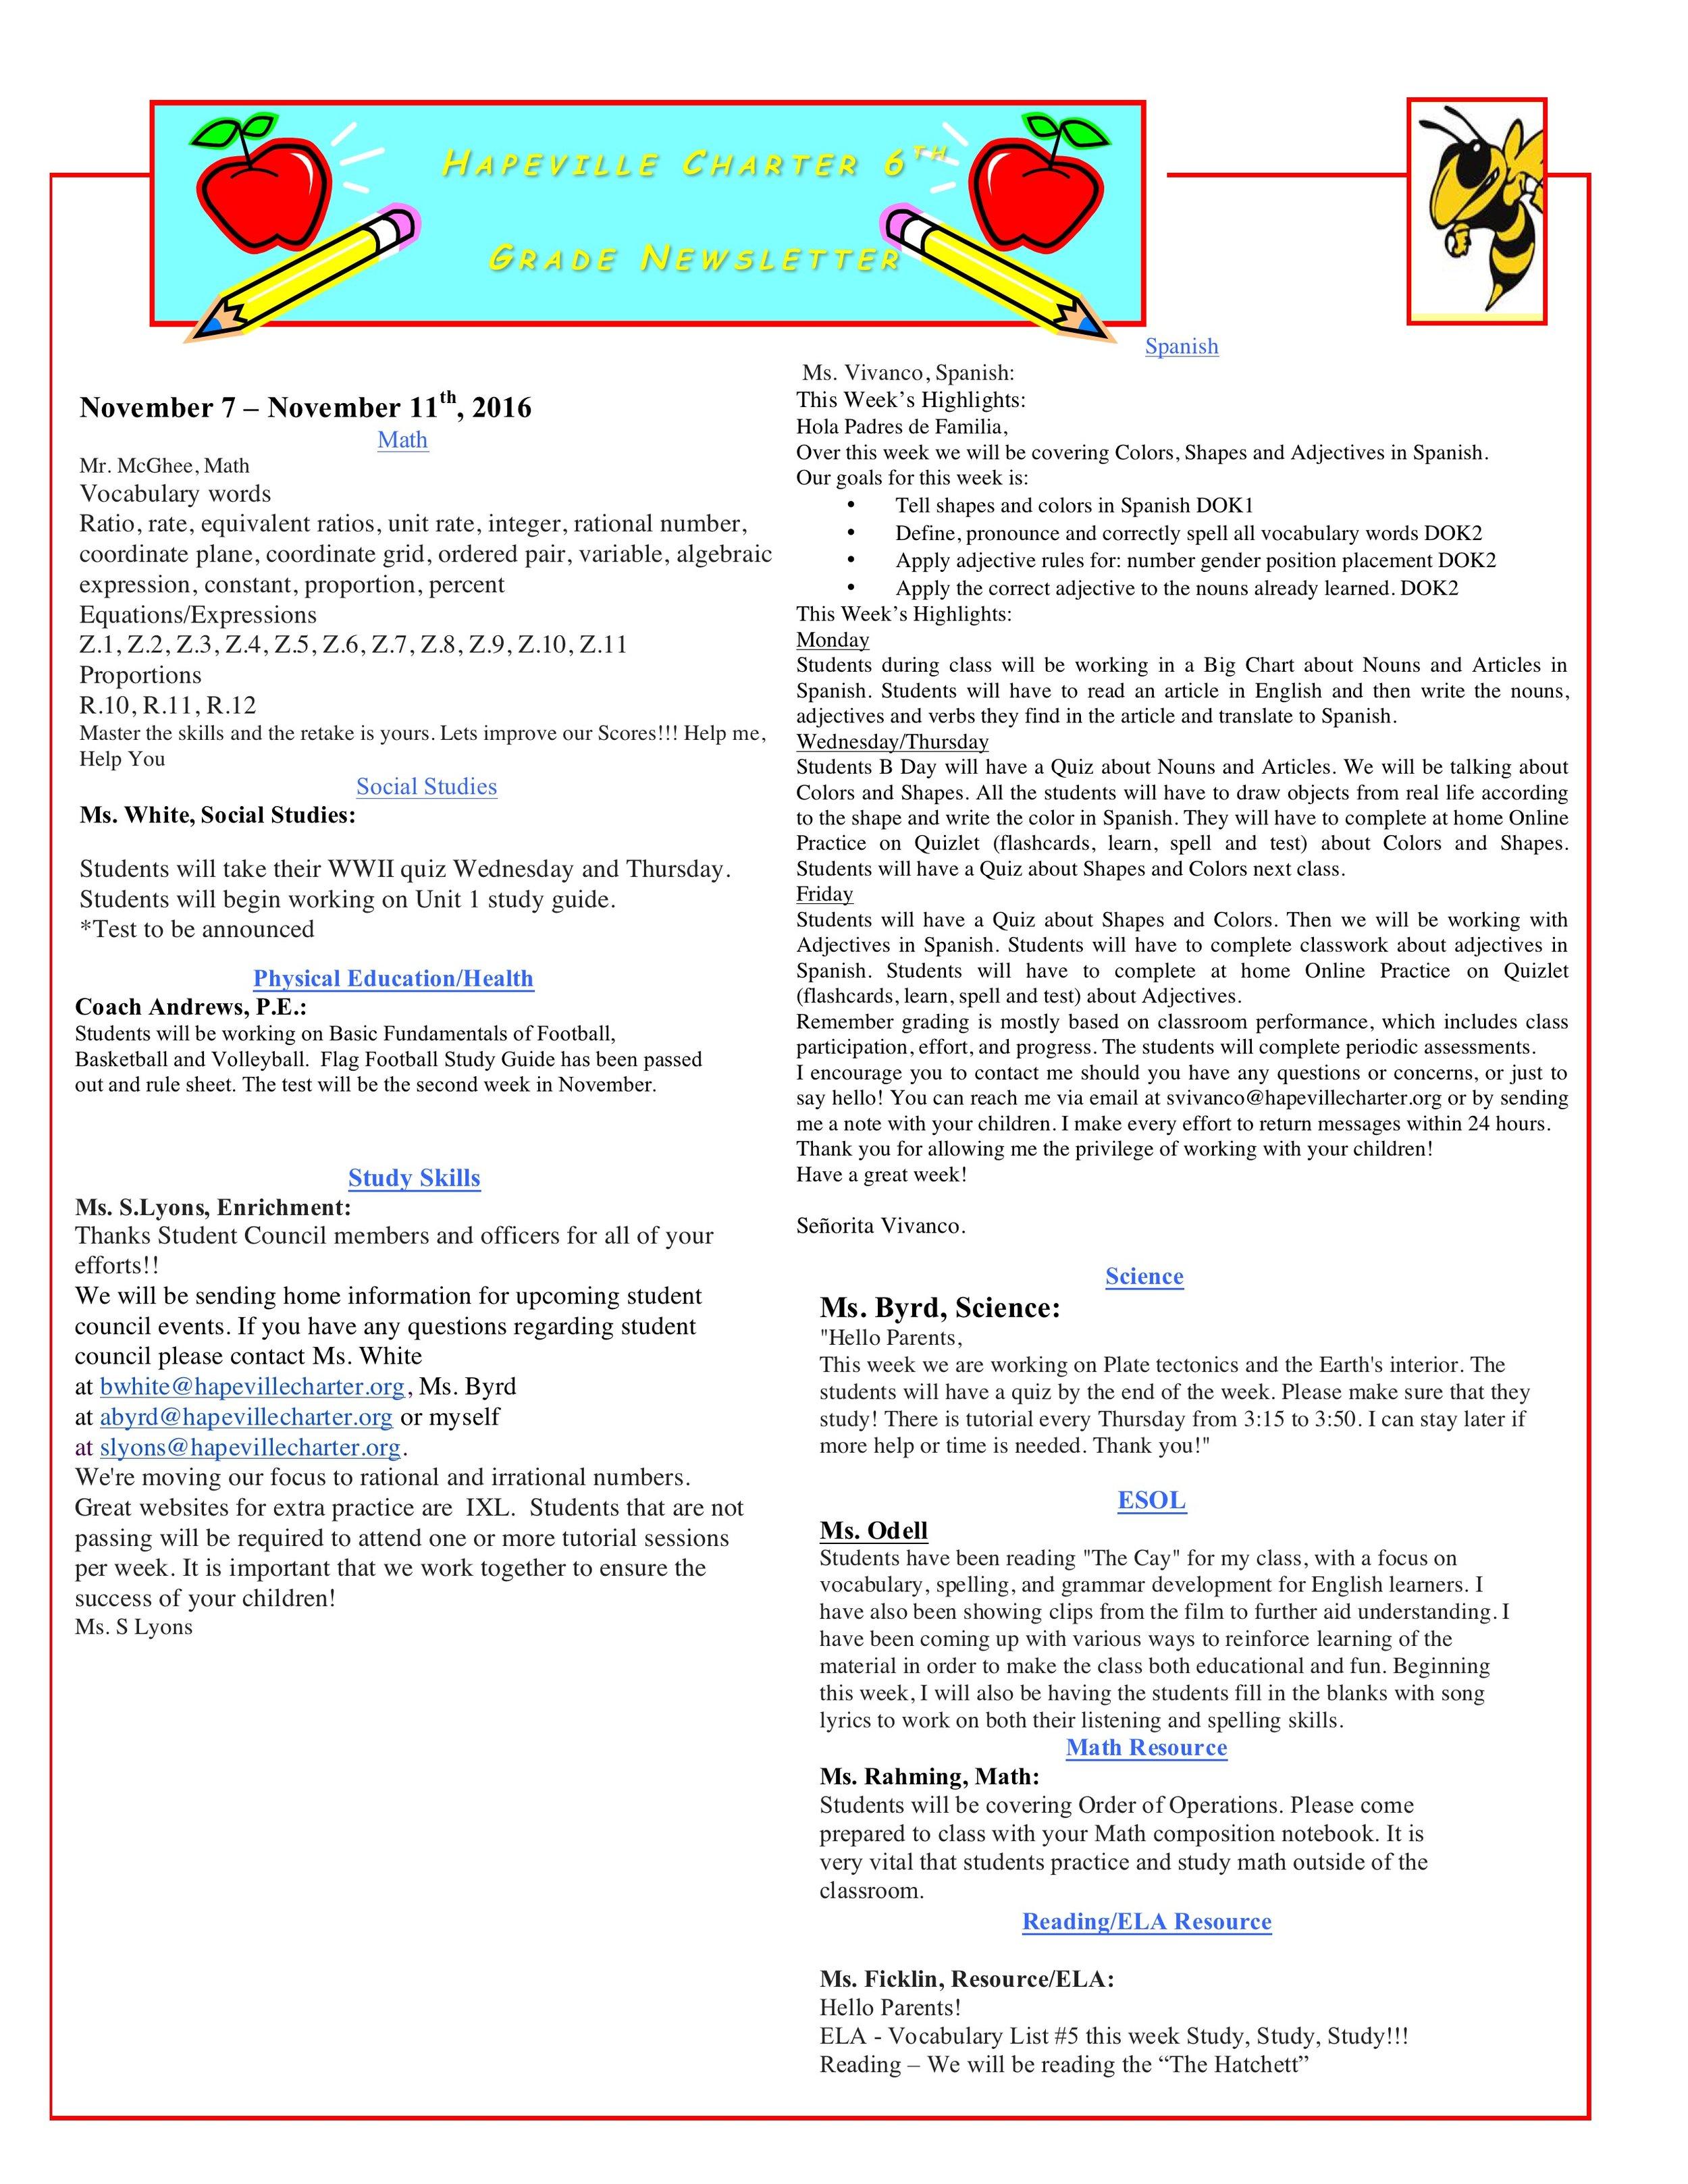 Newsletter Image6th Grade Newsletter 11-7-2016.jpeg